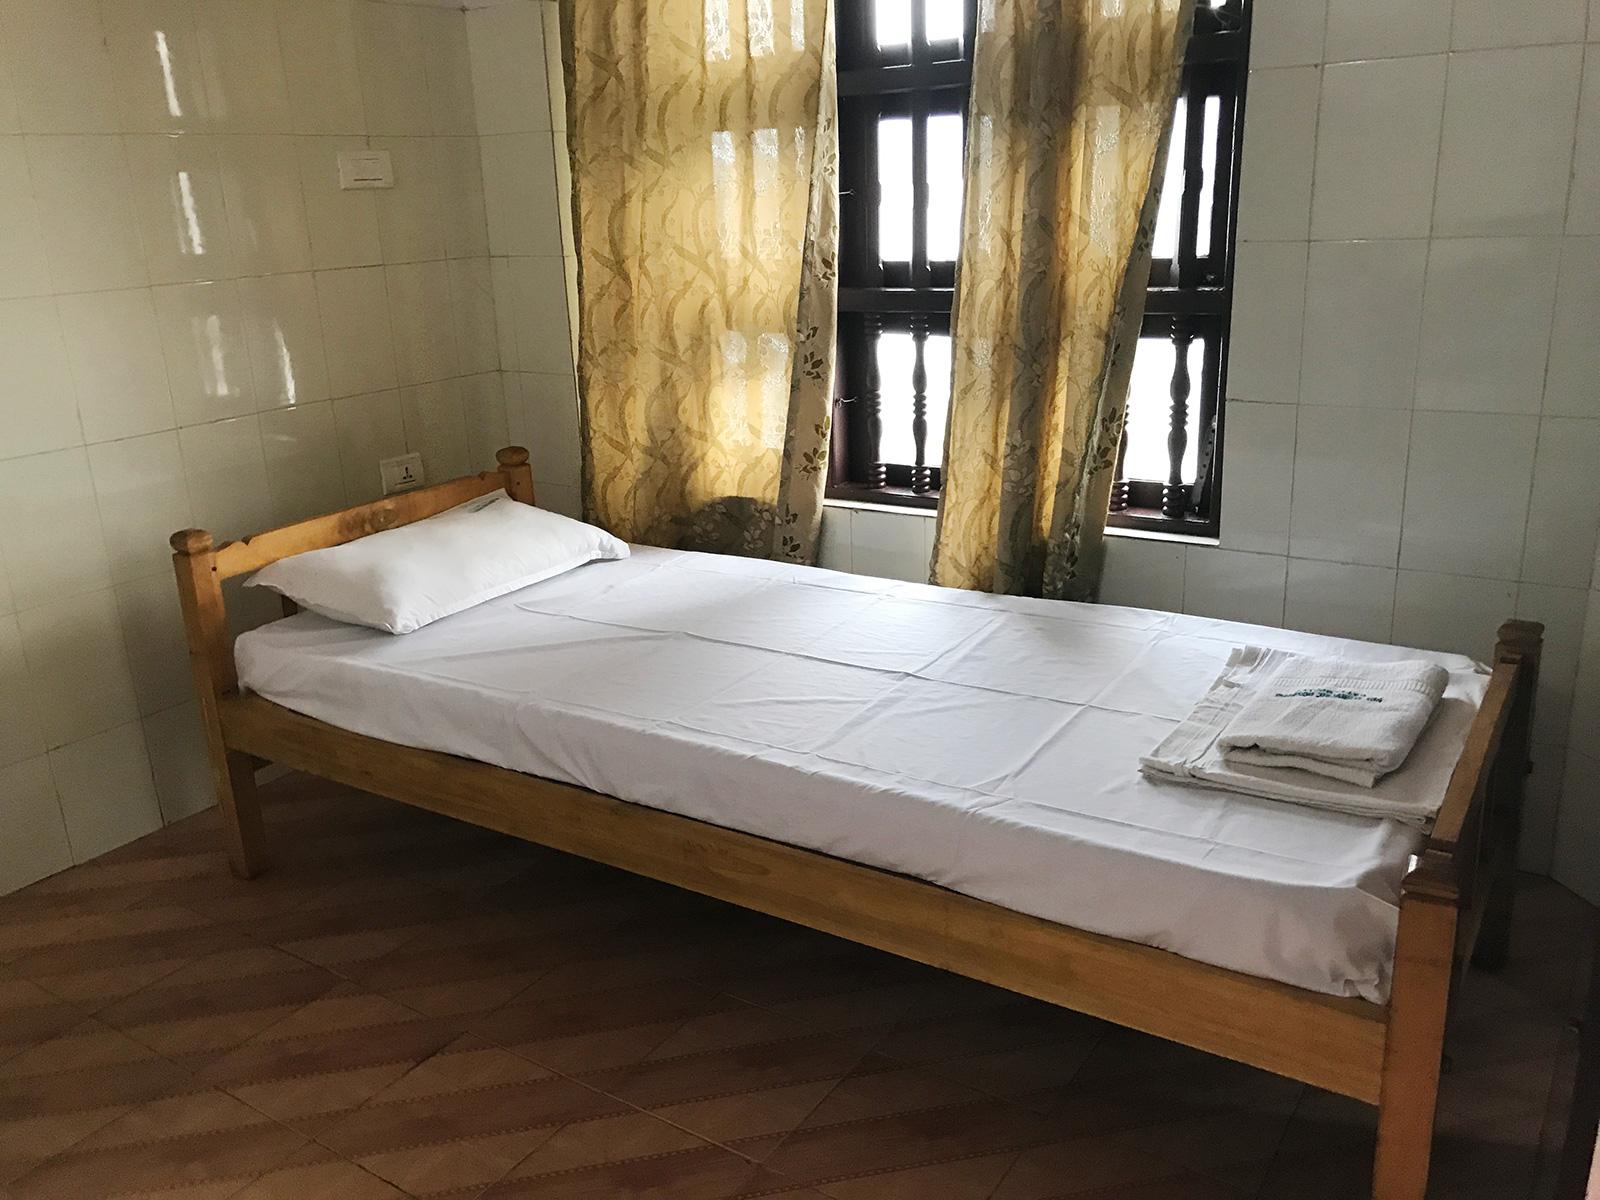 パンチャカルマ アーユルヴェーダ病院の部屋